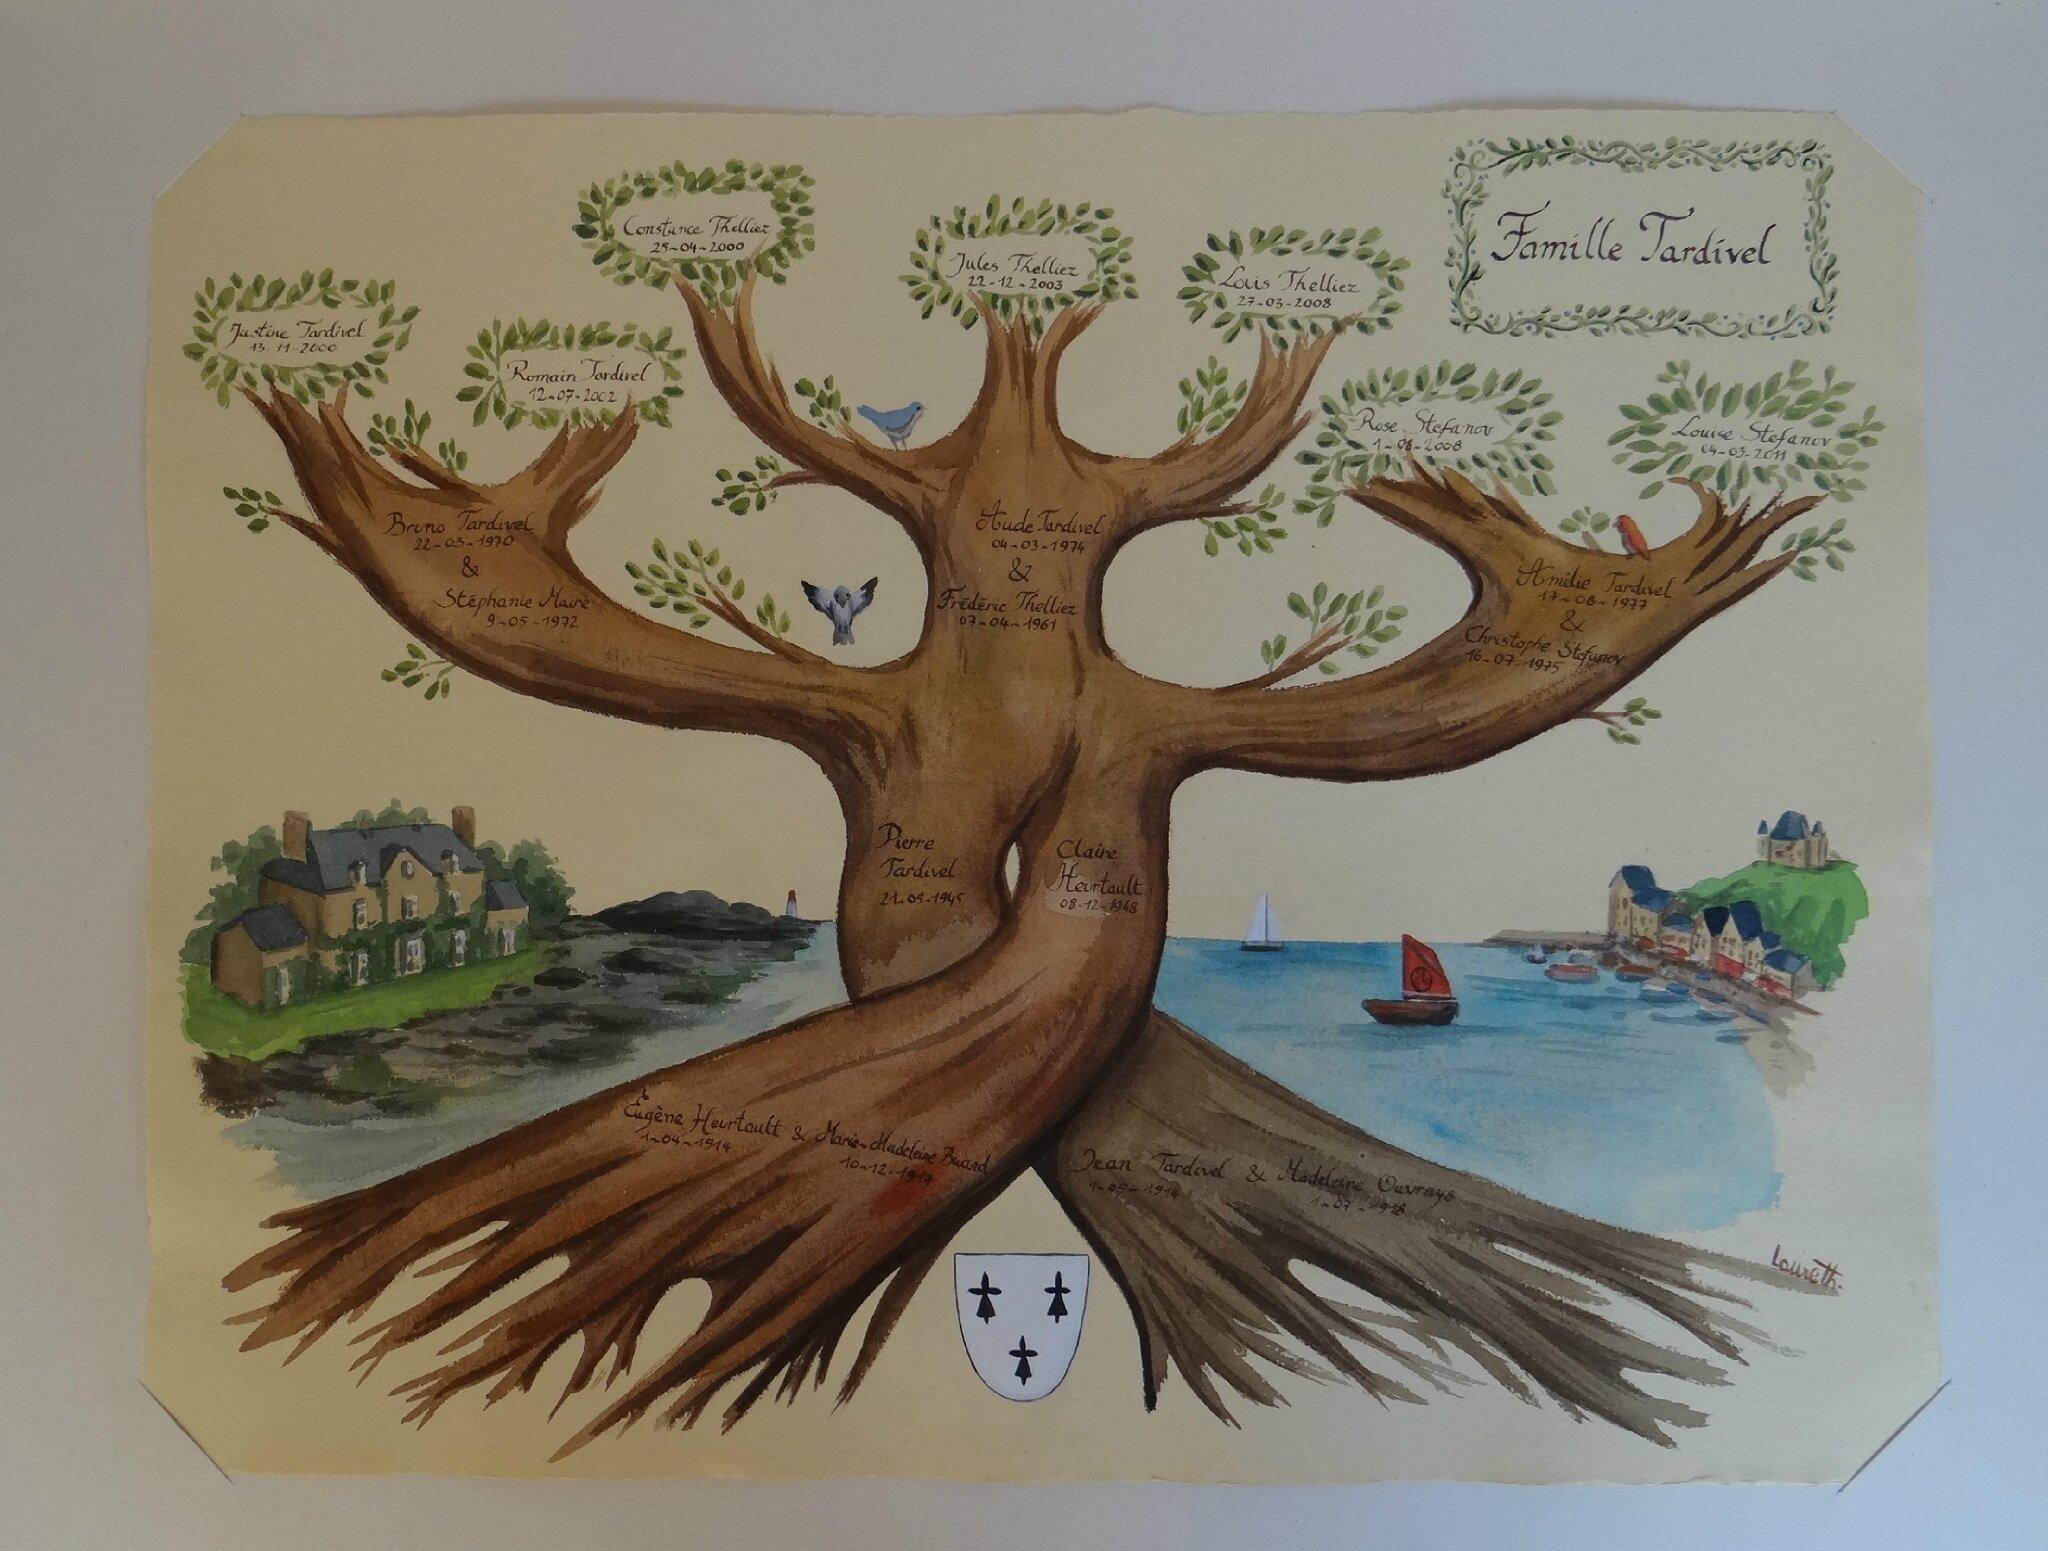 arbre généalogique Bretagne